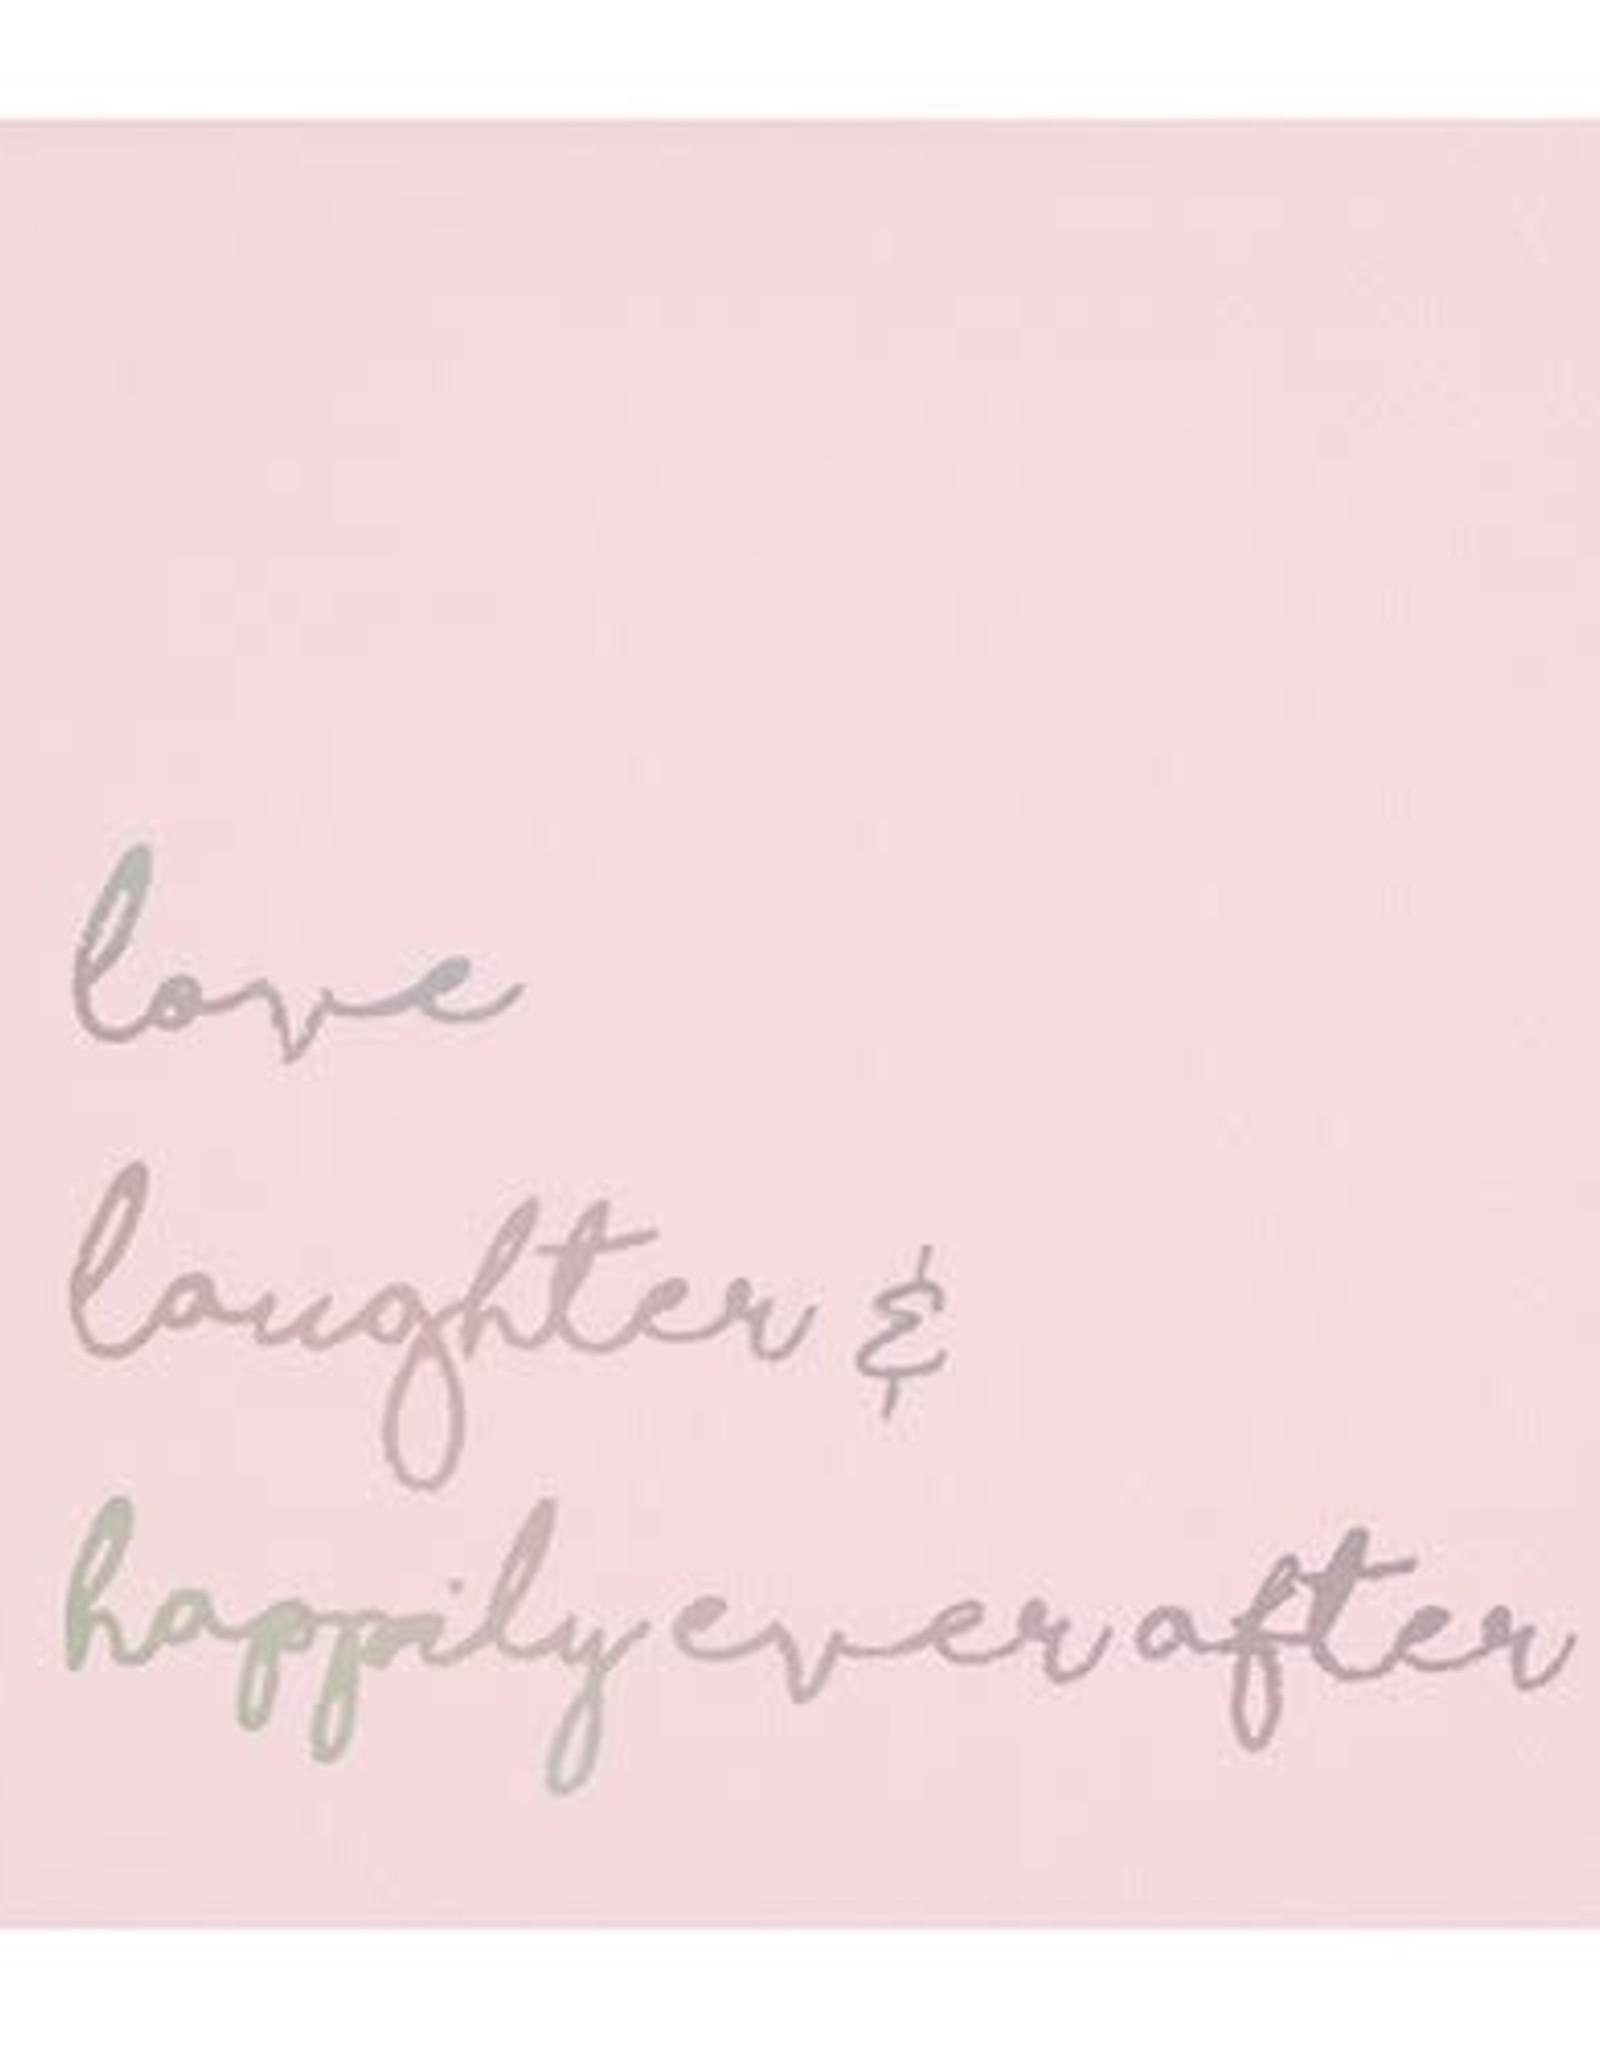 Slant Bev Napkin- Love, Laughter